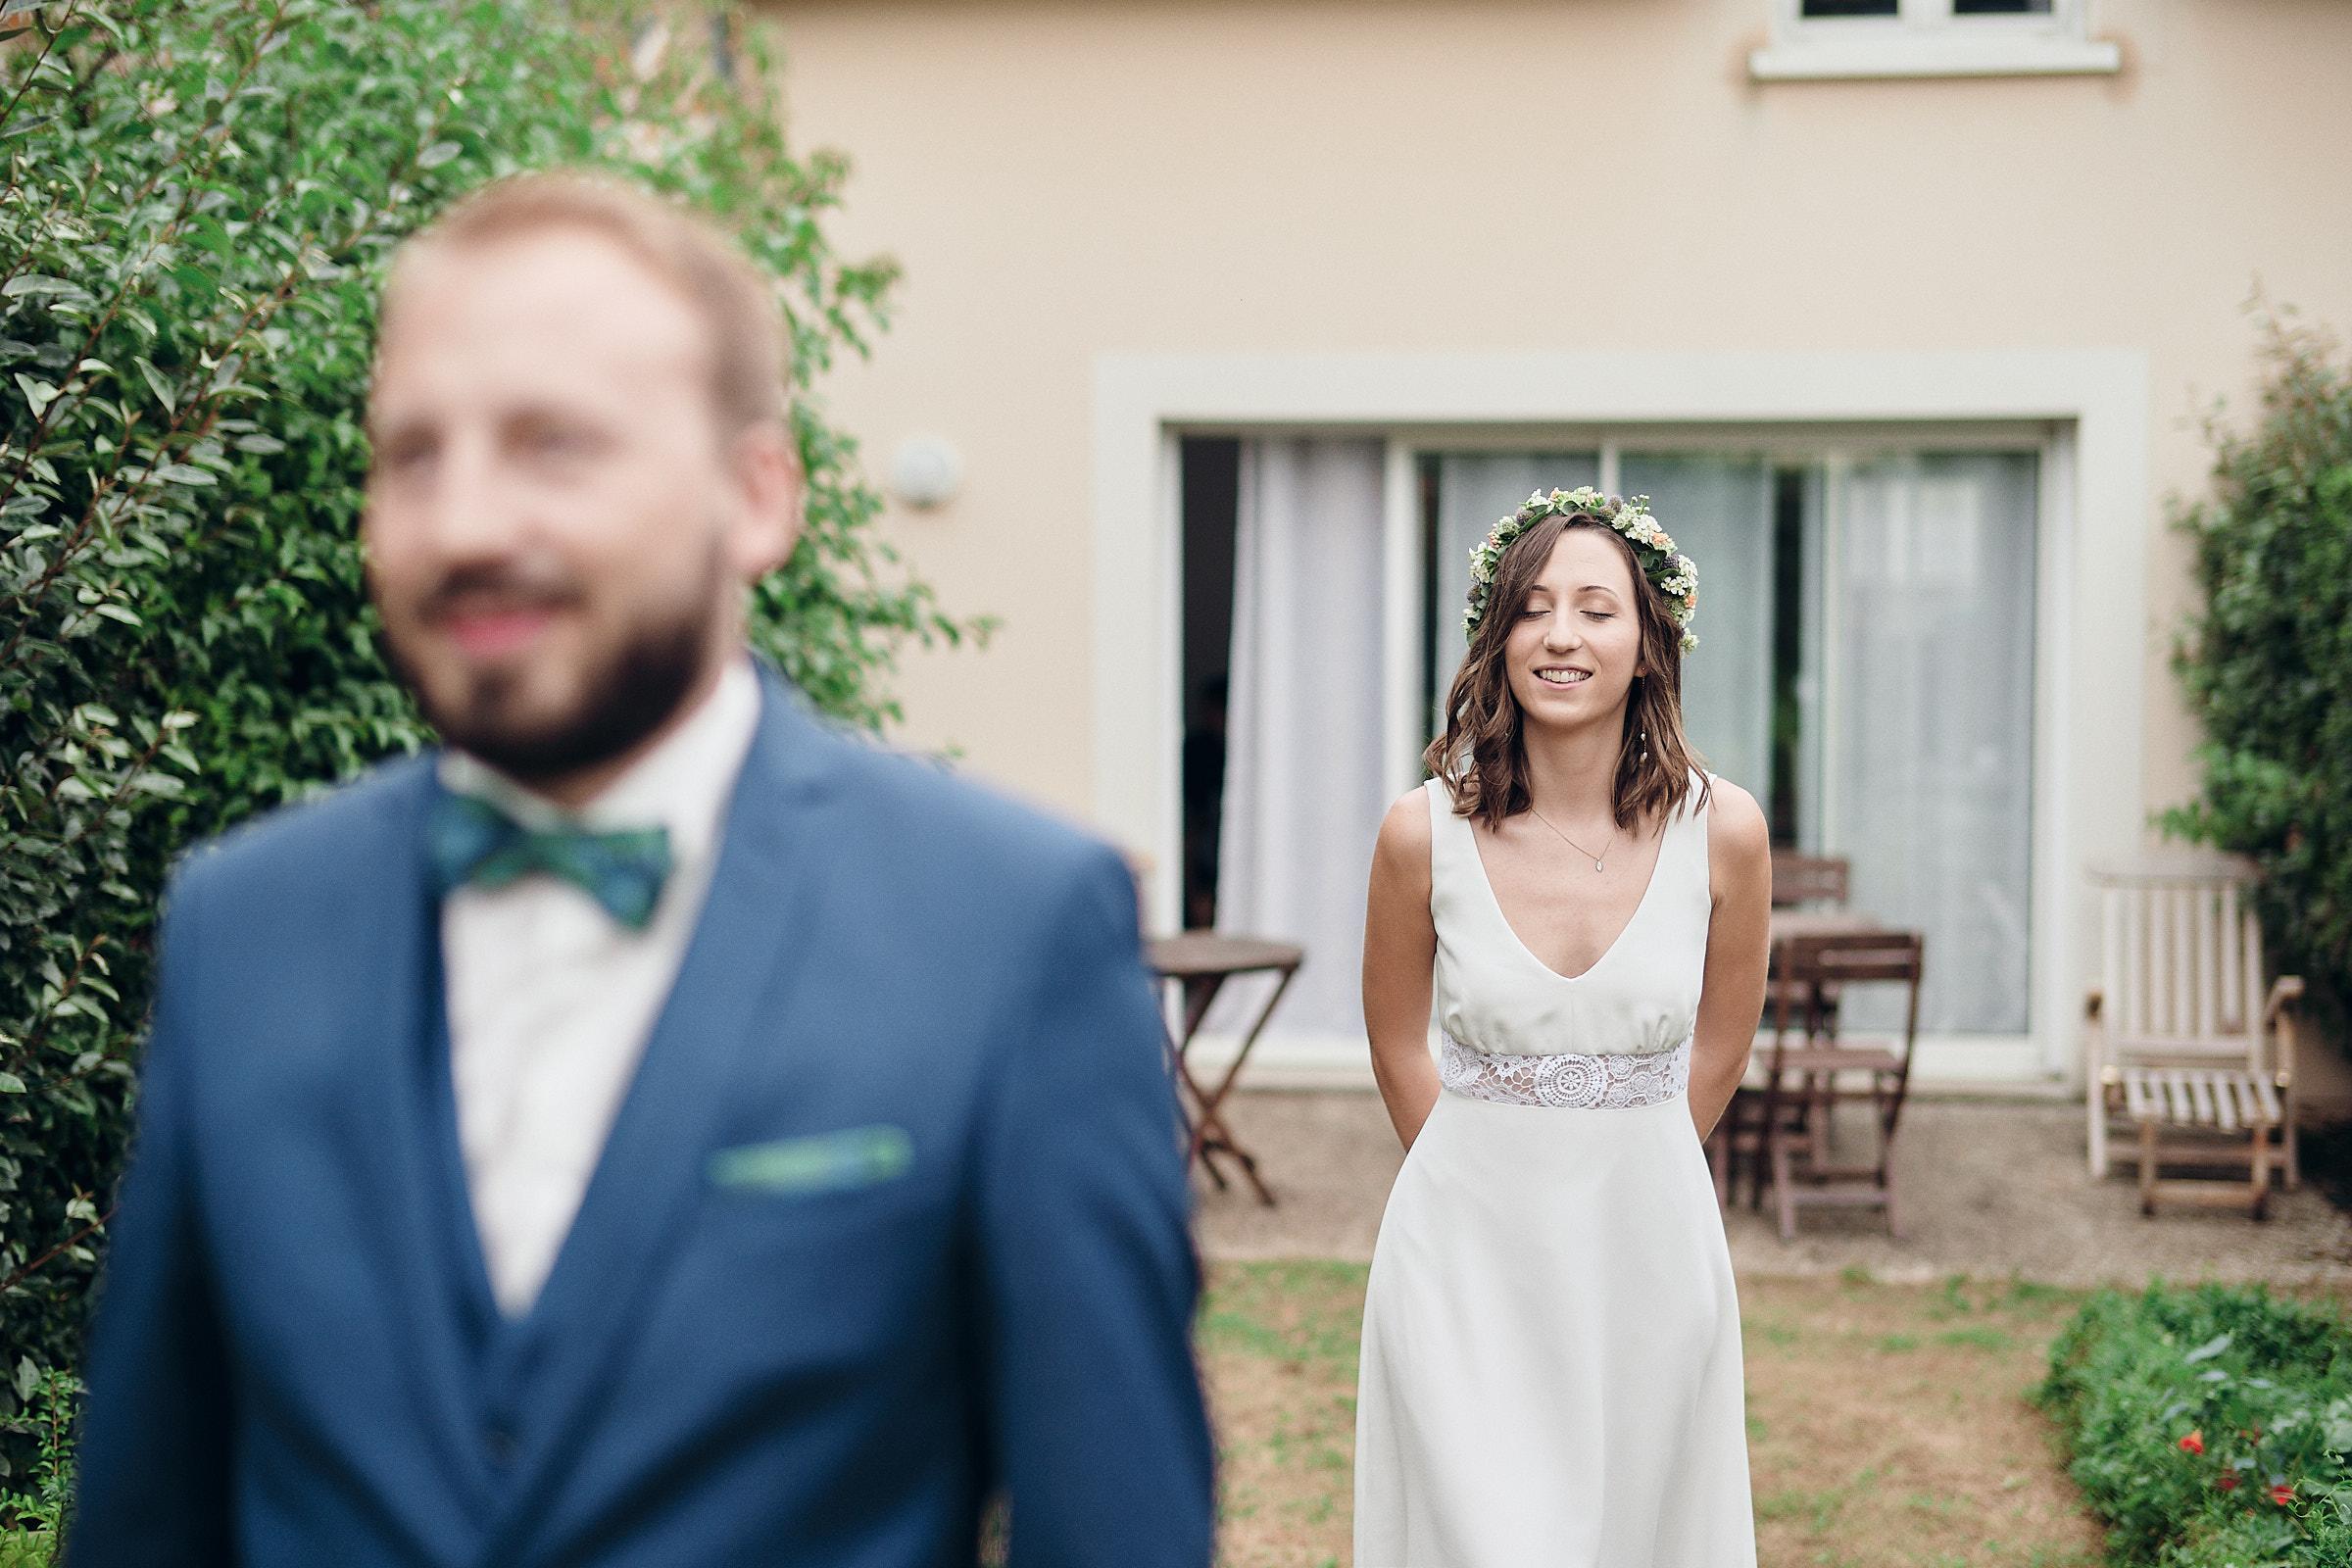 la mariee juste avant la decouverte avec le marie